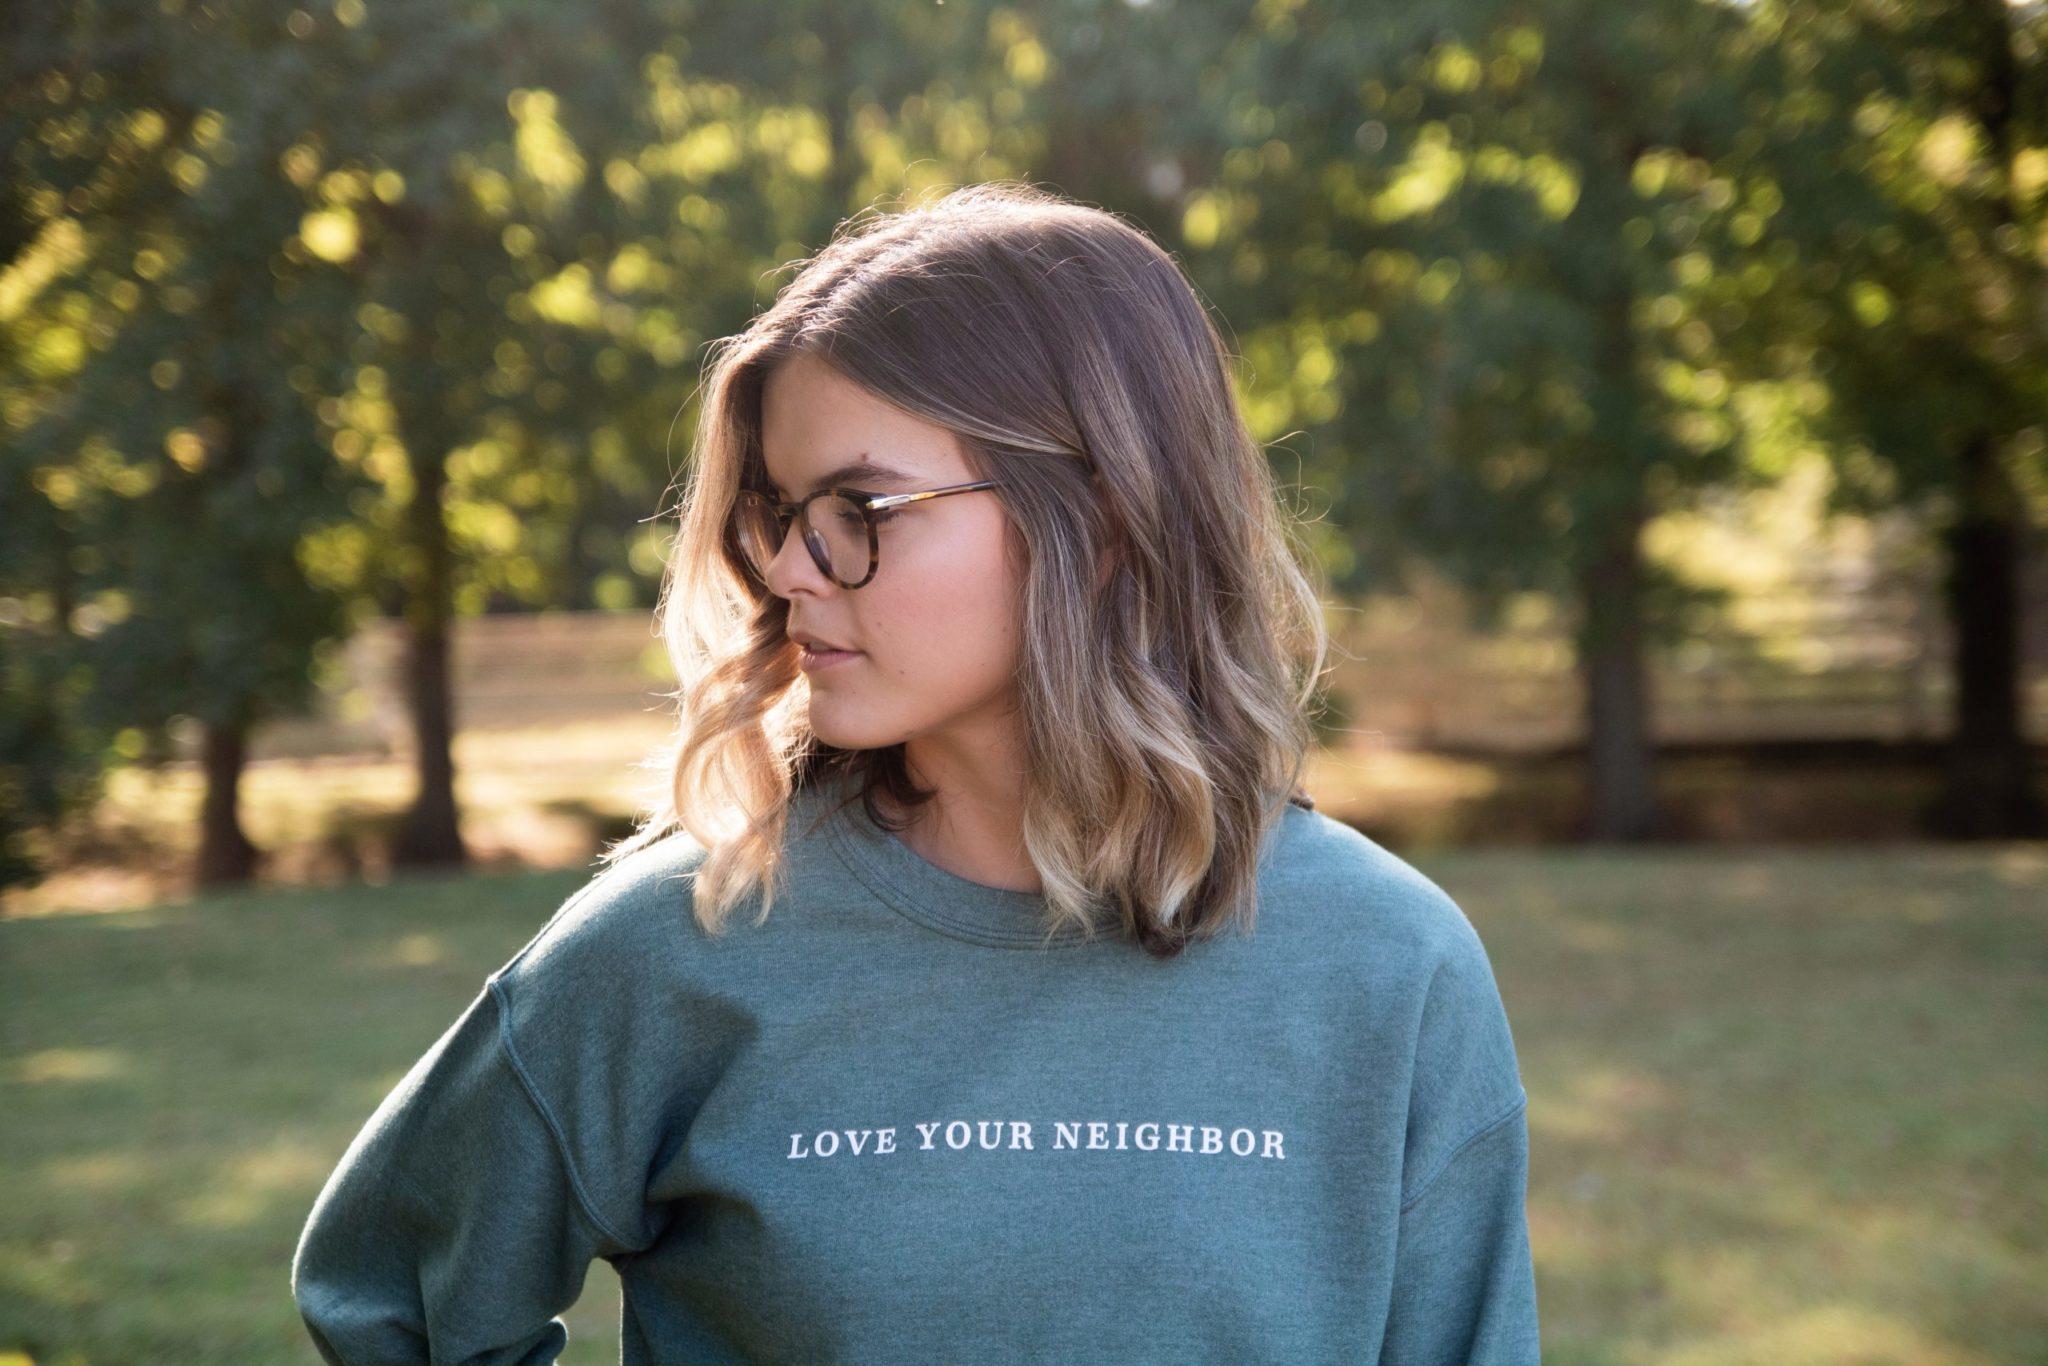 Love Your Neighbor Sweatshirt